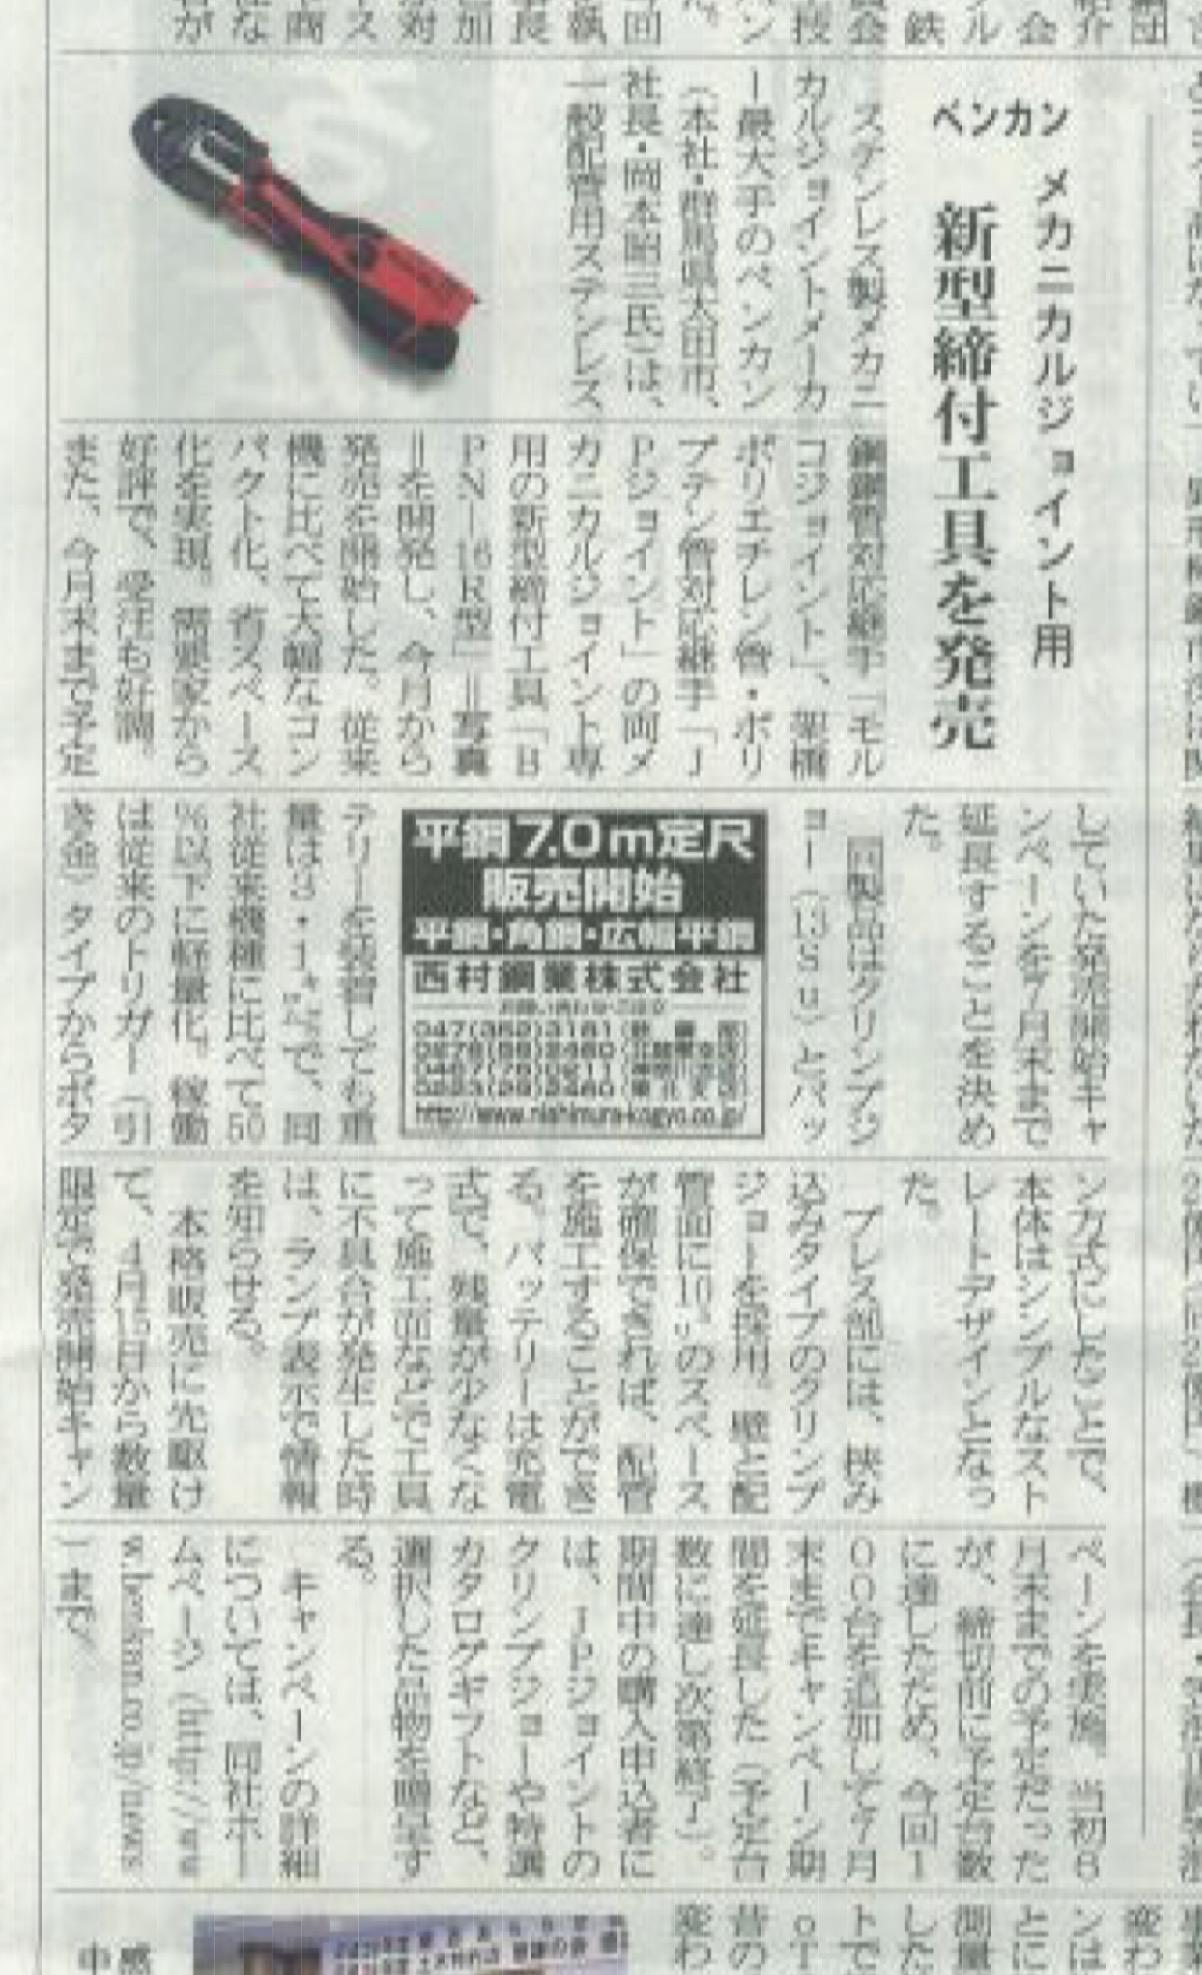 鉄鋼新聞2017.6.22